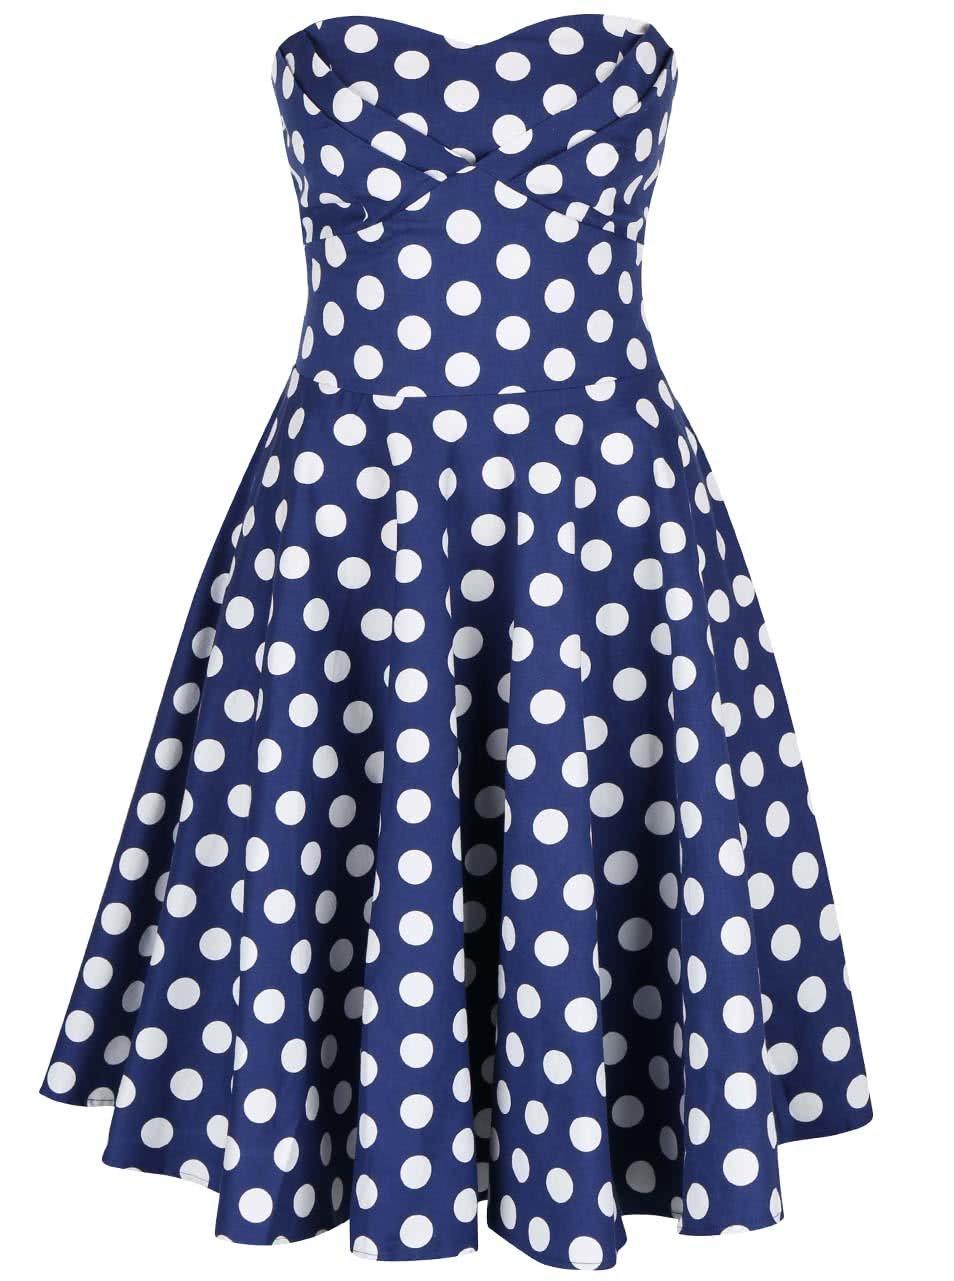 Modré puntíkované šaty bez ramínek Dolly & Dotty Melissa